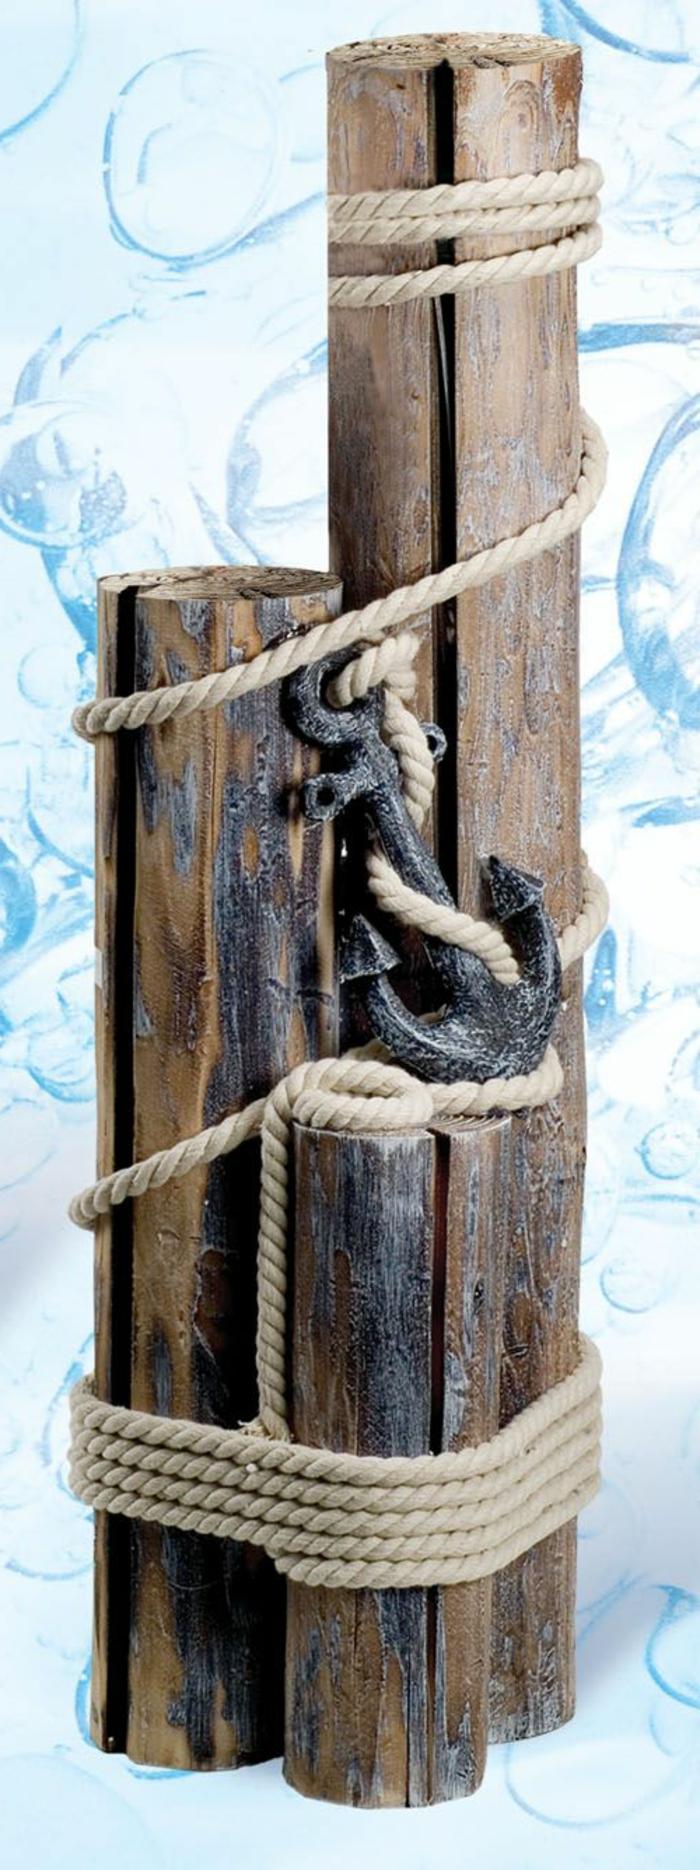 riciclo-creativo-materiali-legno-stile-rustico-ancora-corda-pezzi-legno-varia-dimensione